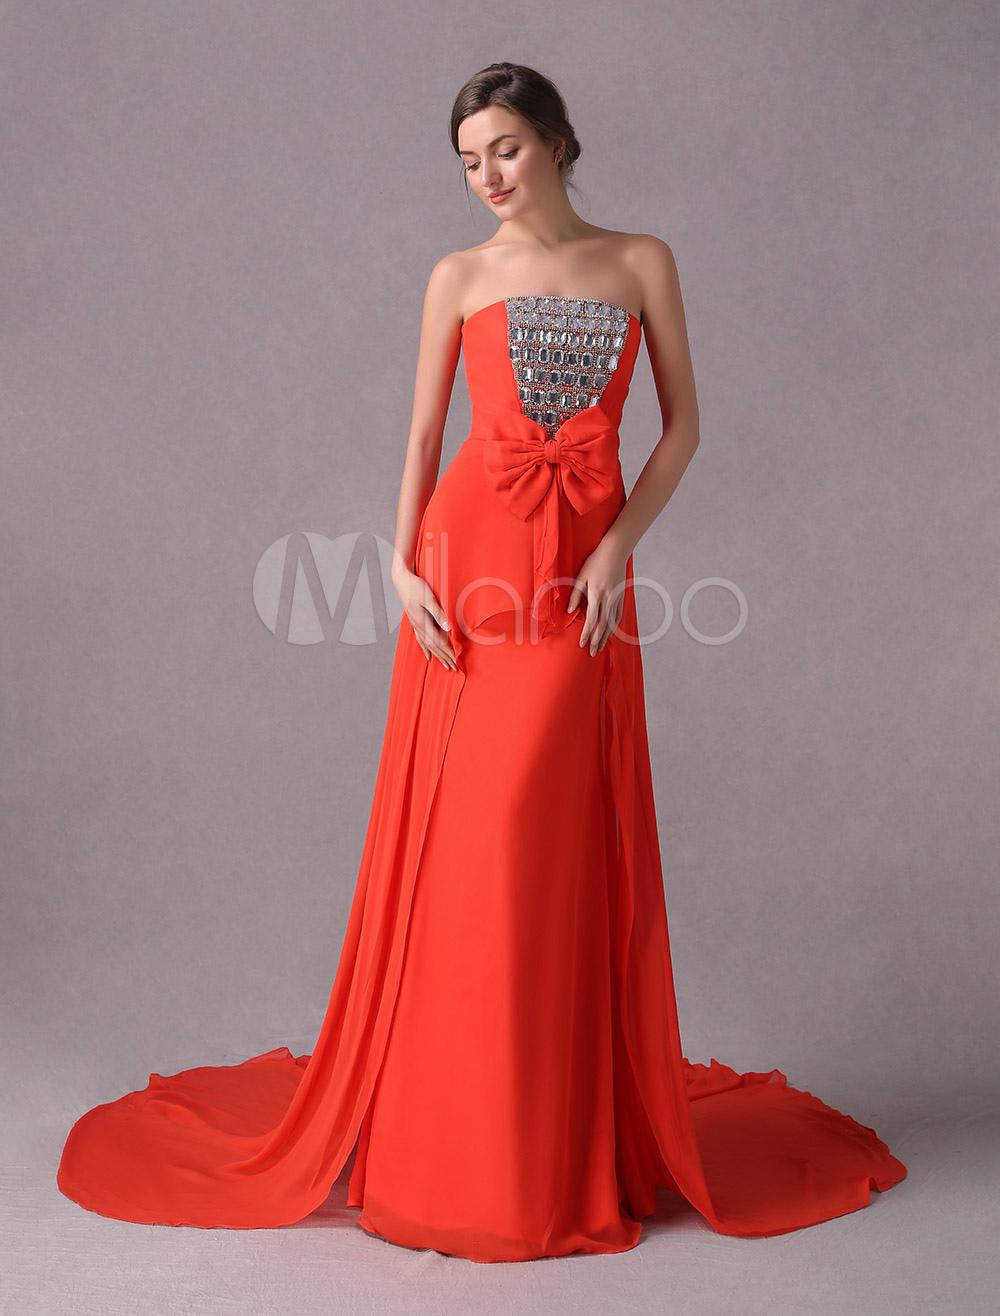 Abendkleider liebsten perlen strass b gen chiffon langes abendkleid mit zug - Milanoo abendkleider ...